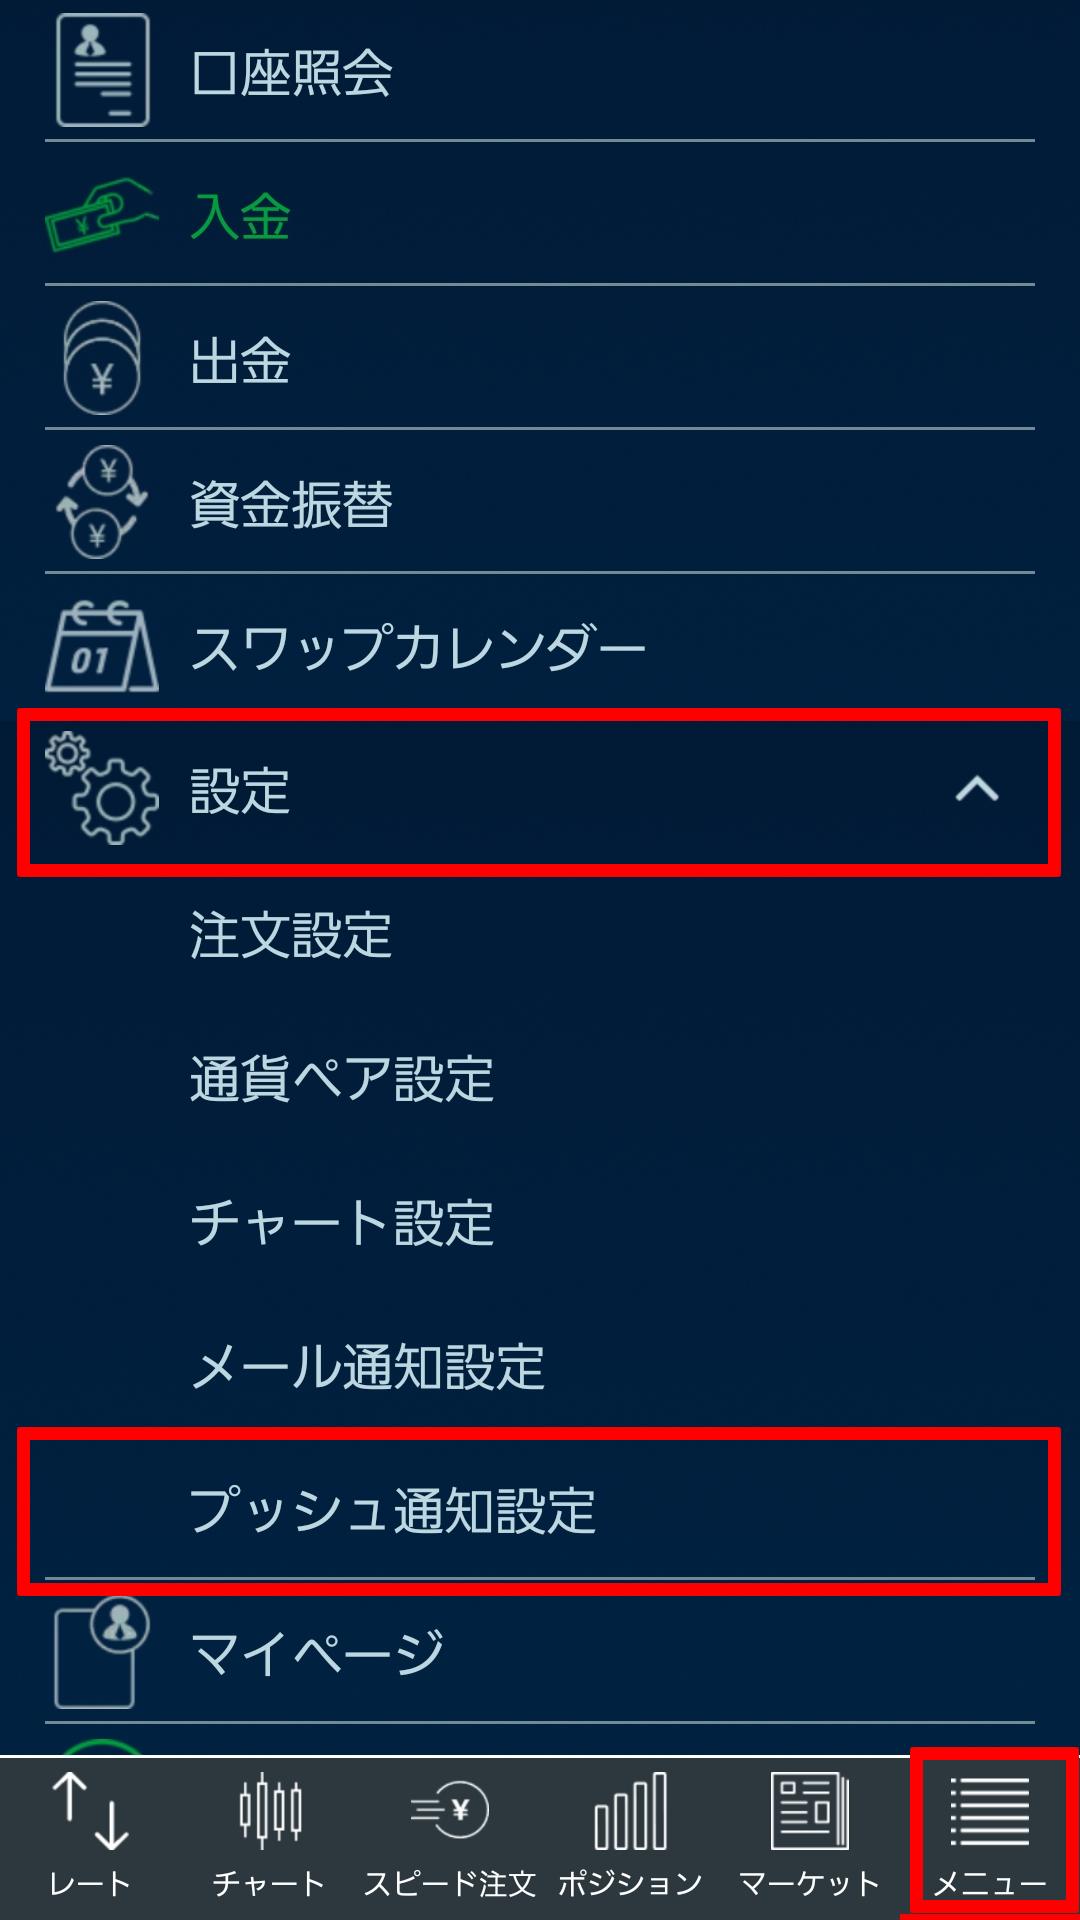 スマホアプリの画面右下「メニュー」、「設定」の「プッシュ通知設定」をタップ